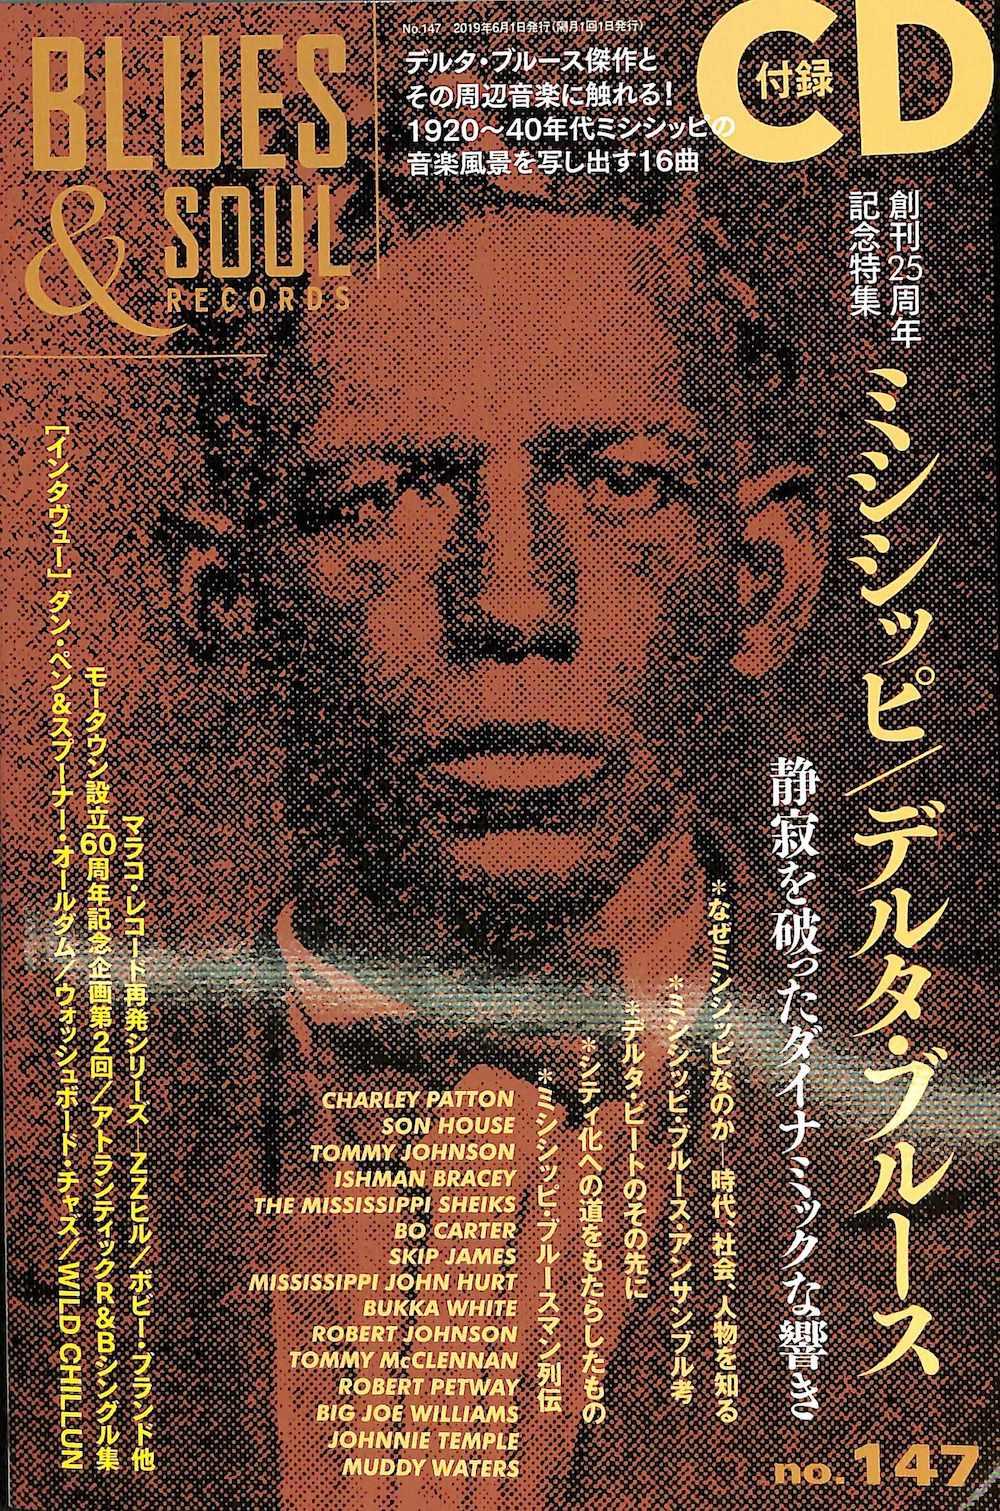 ブルース & ソウル・レコーズ - Blues & Soul Records No. 147 - Book